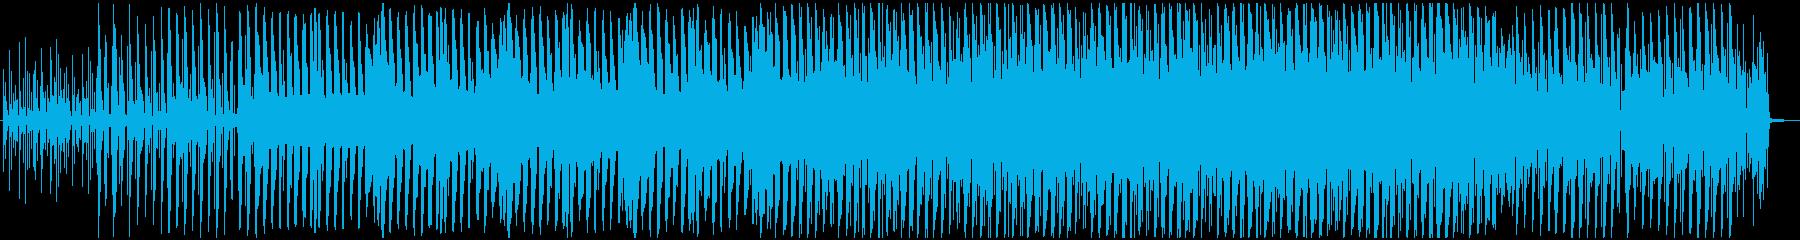 ドキドキが止まらないパーカッションビートの再生済みの波形